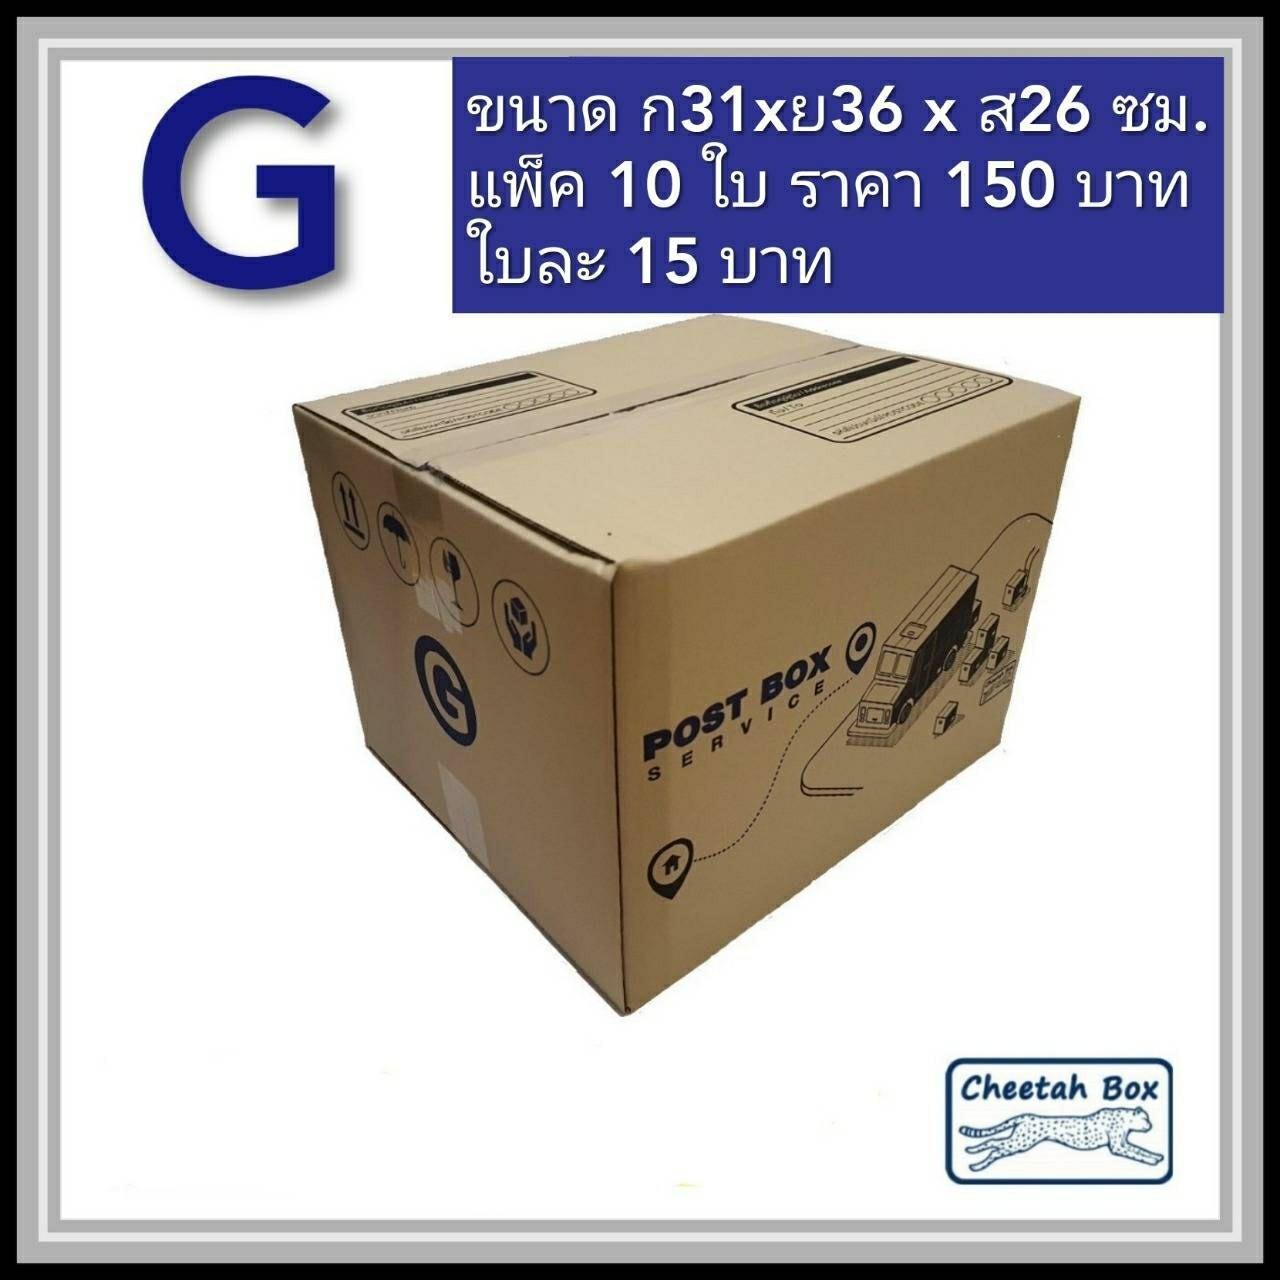 กล่องไปรษณีย์  G ลูกฟูก 3 ชั้น (Cheetah Box ขนาด 31*36*26 CM)